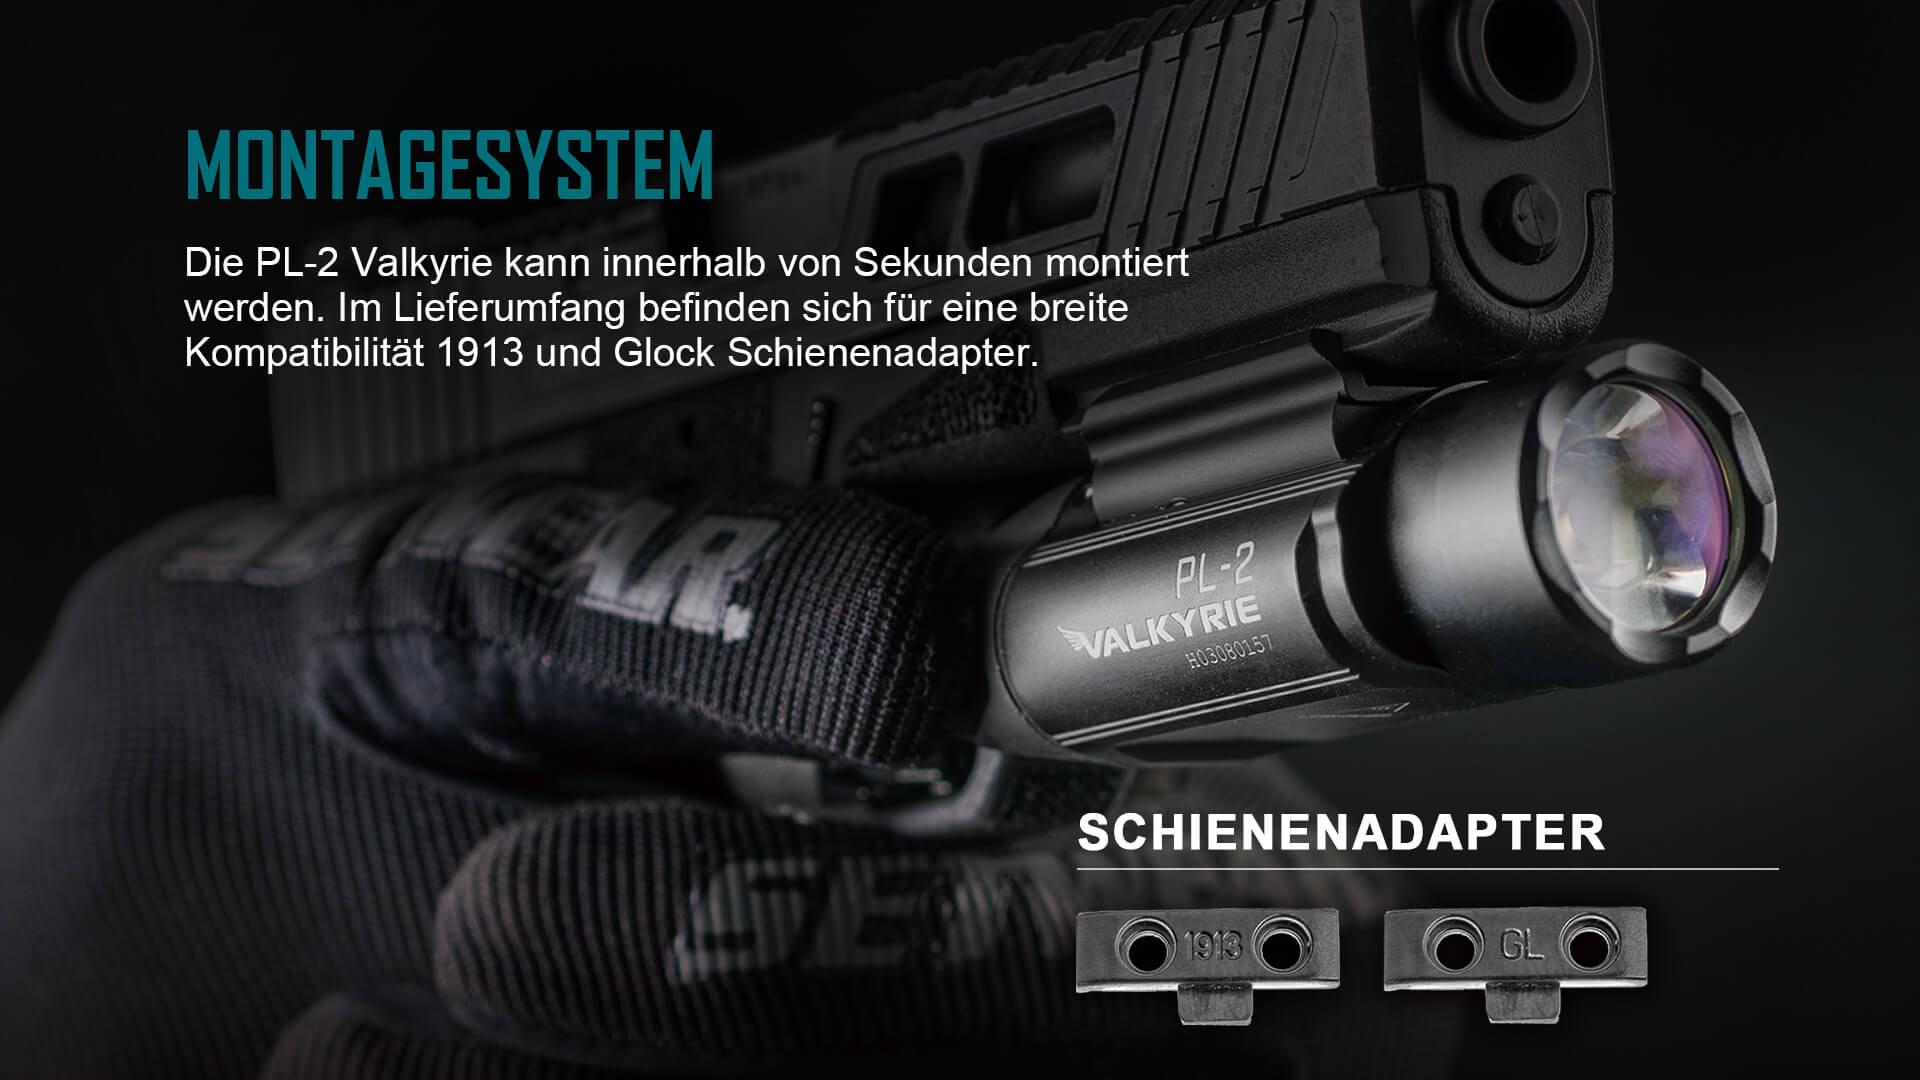 Im Lieferumfang befinden sich für eine breite Kompatibilität 1913 und Glock Schienenadapter.